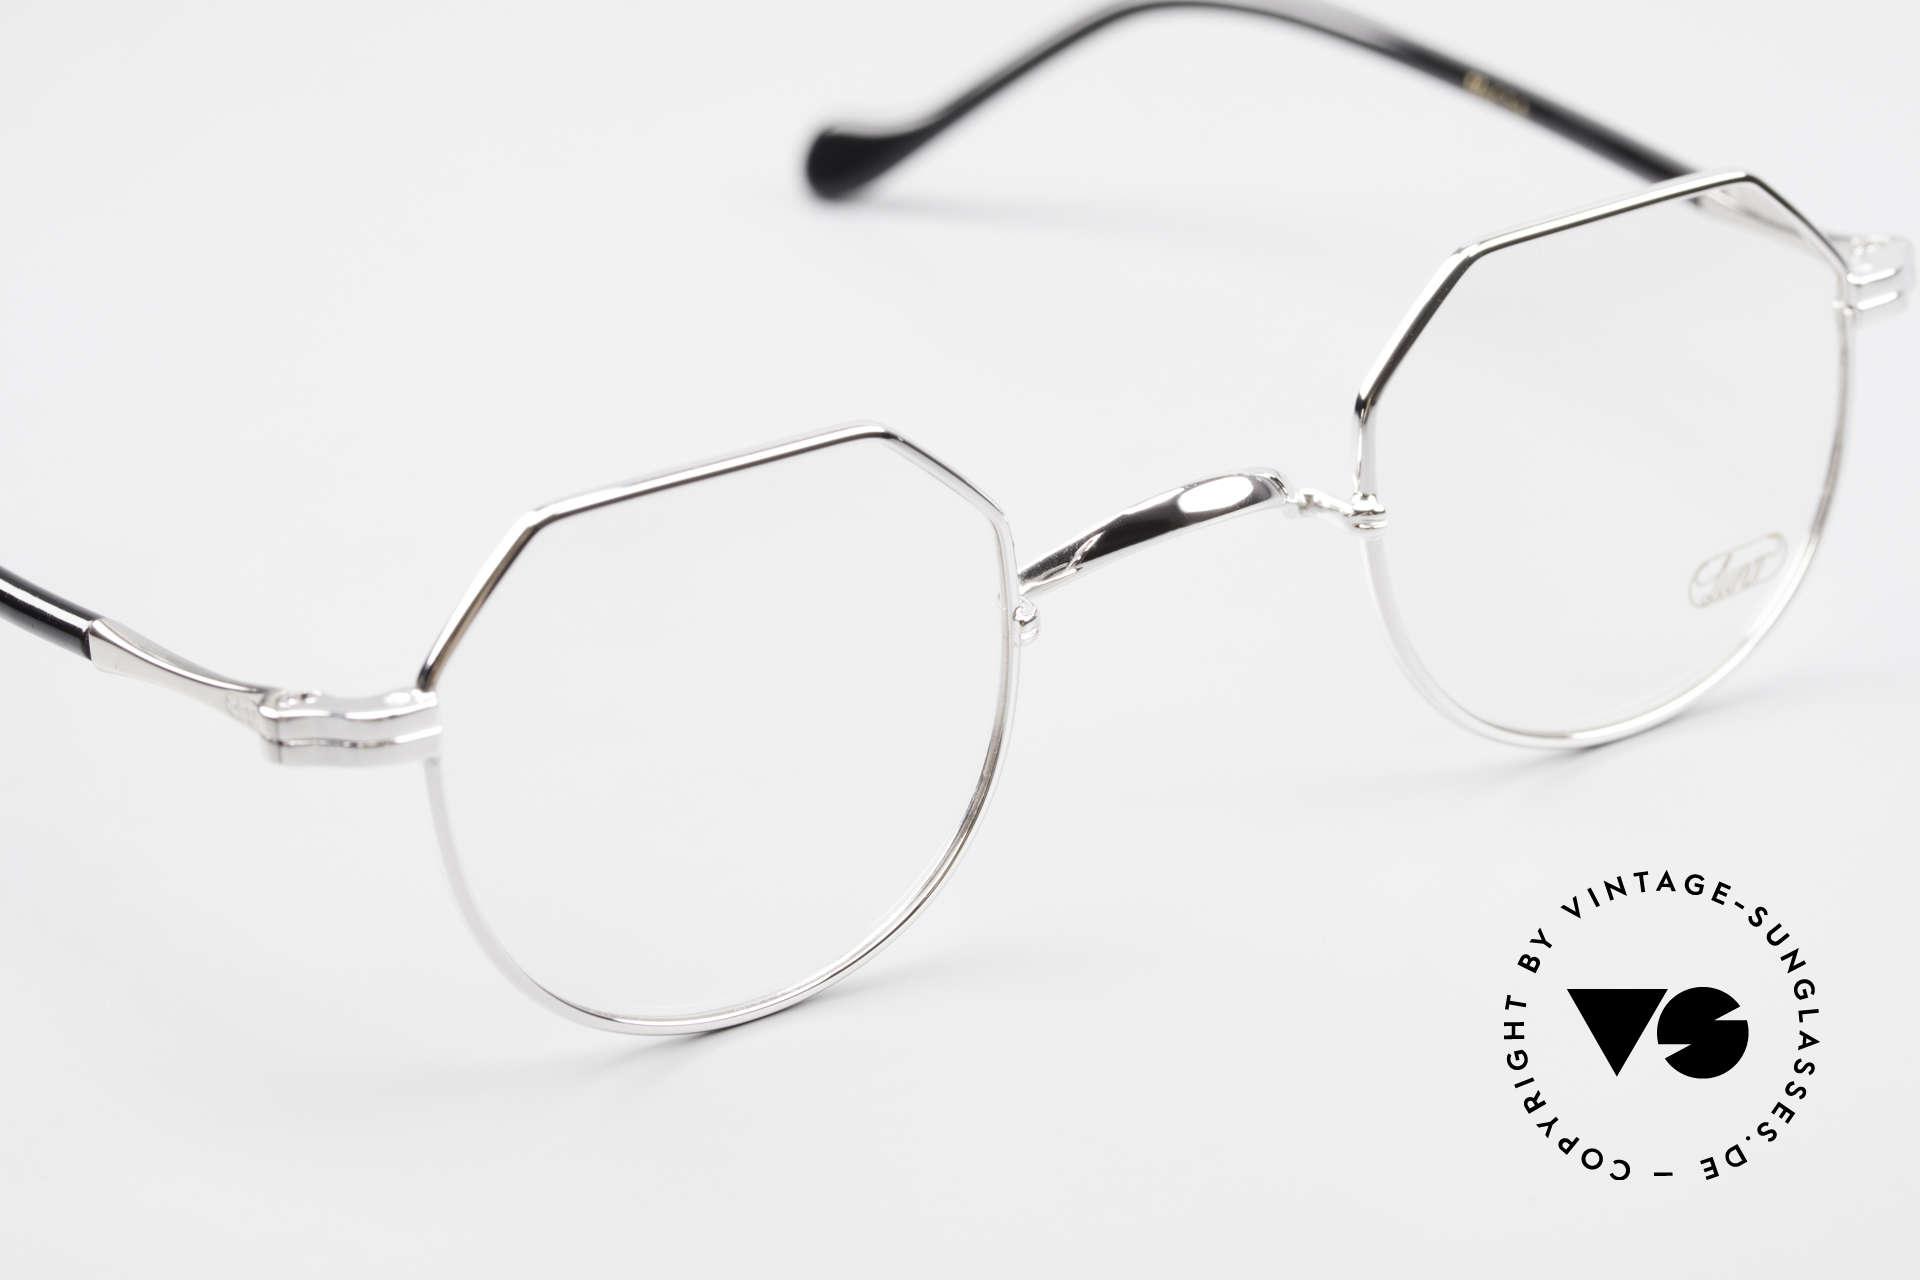 Lunor II A 18 Eckige Panto Brille Platin, altes, ungetragenes LUNOR Einzelstück von ca. 2010, Passend für Herren und Damen